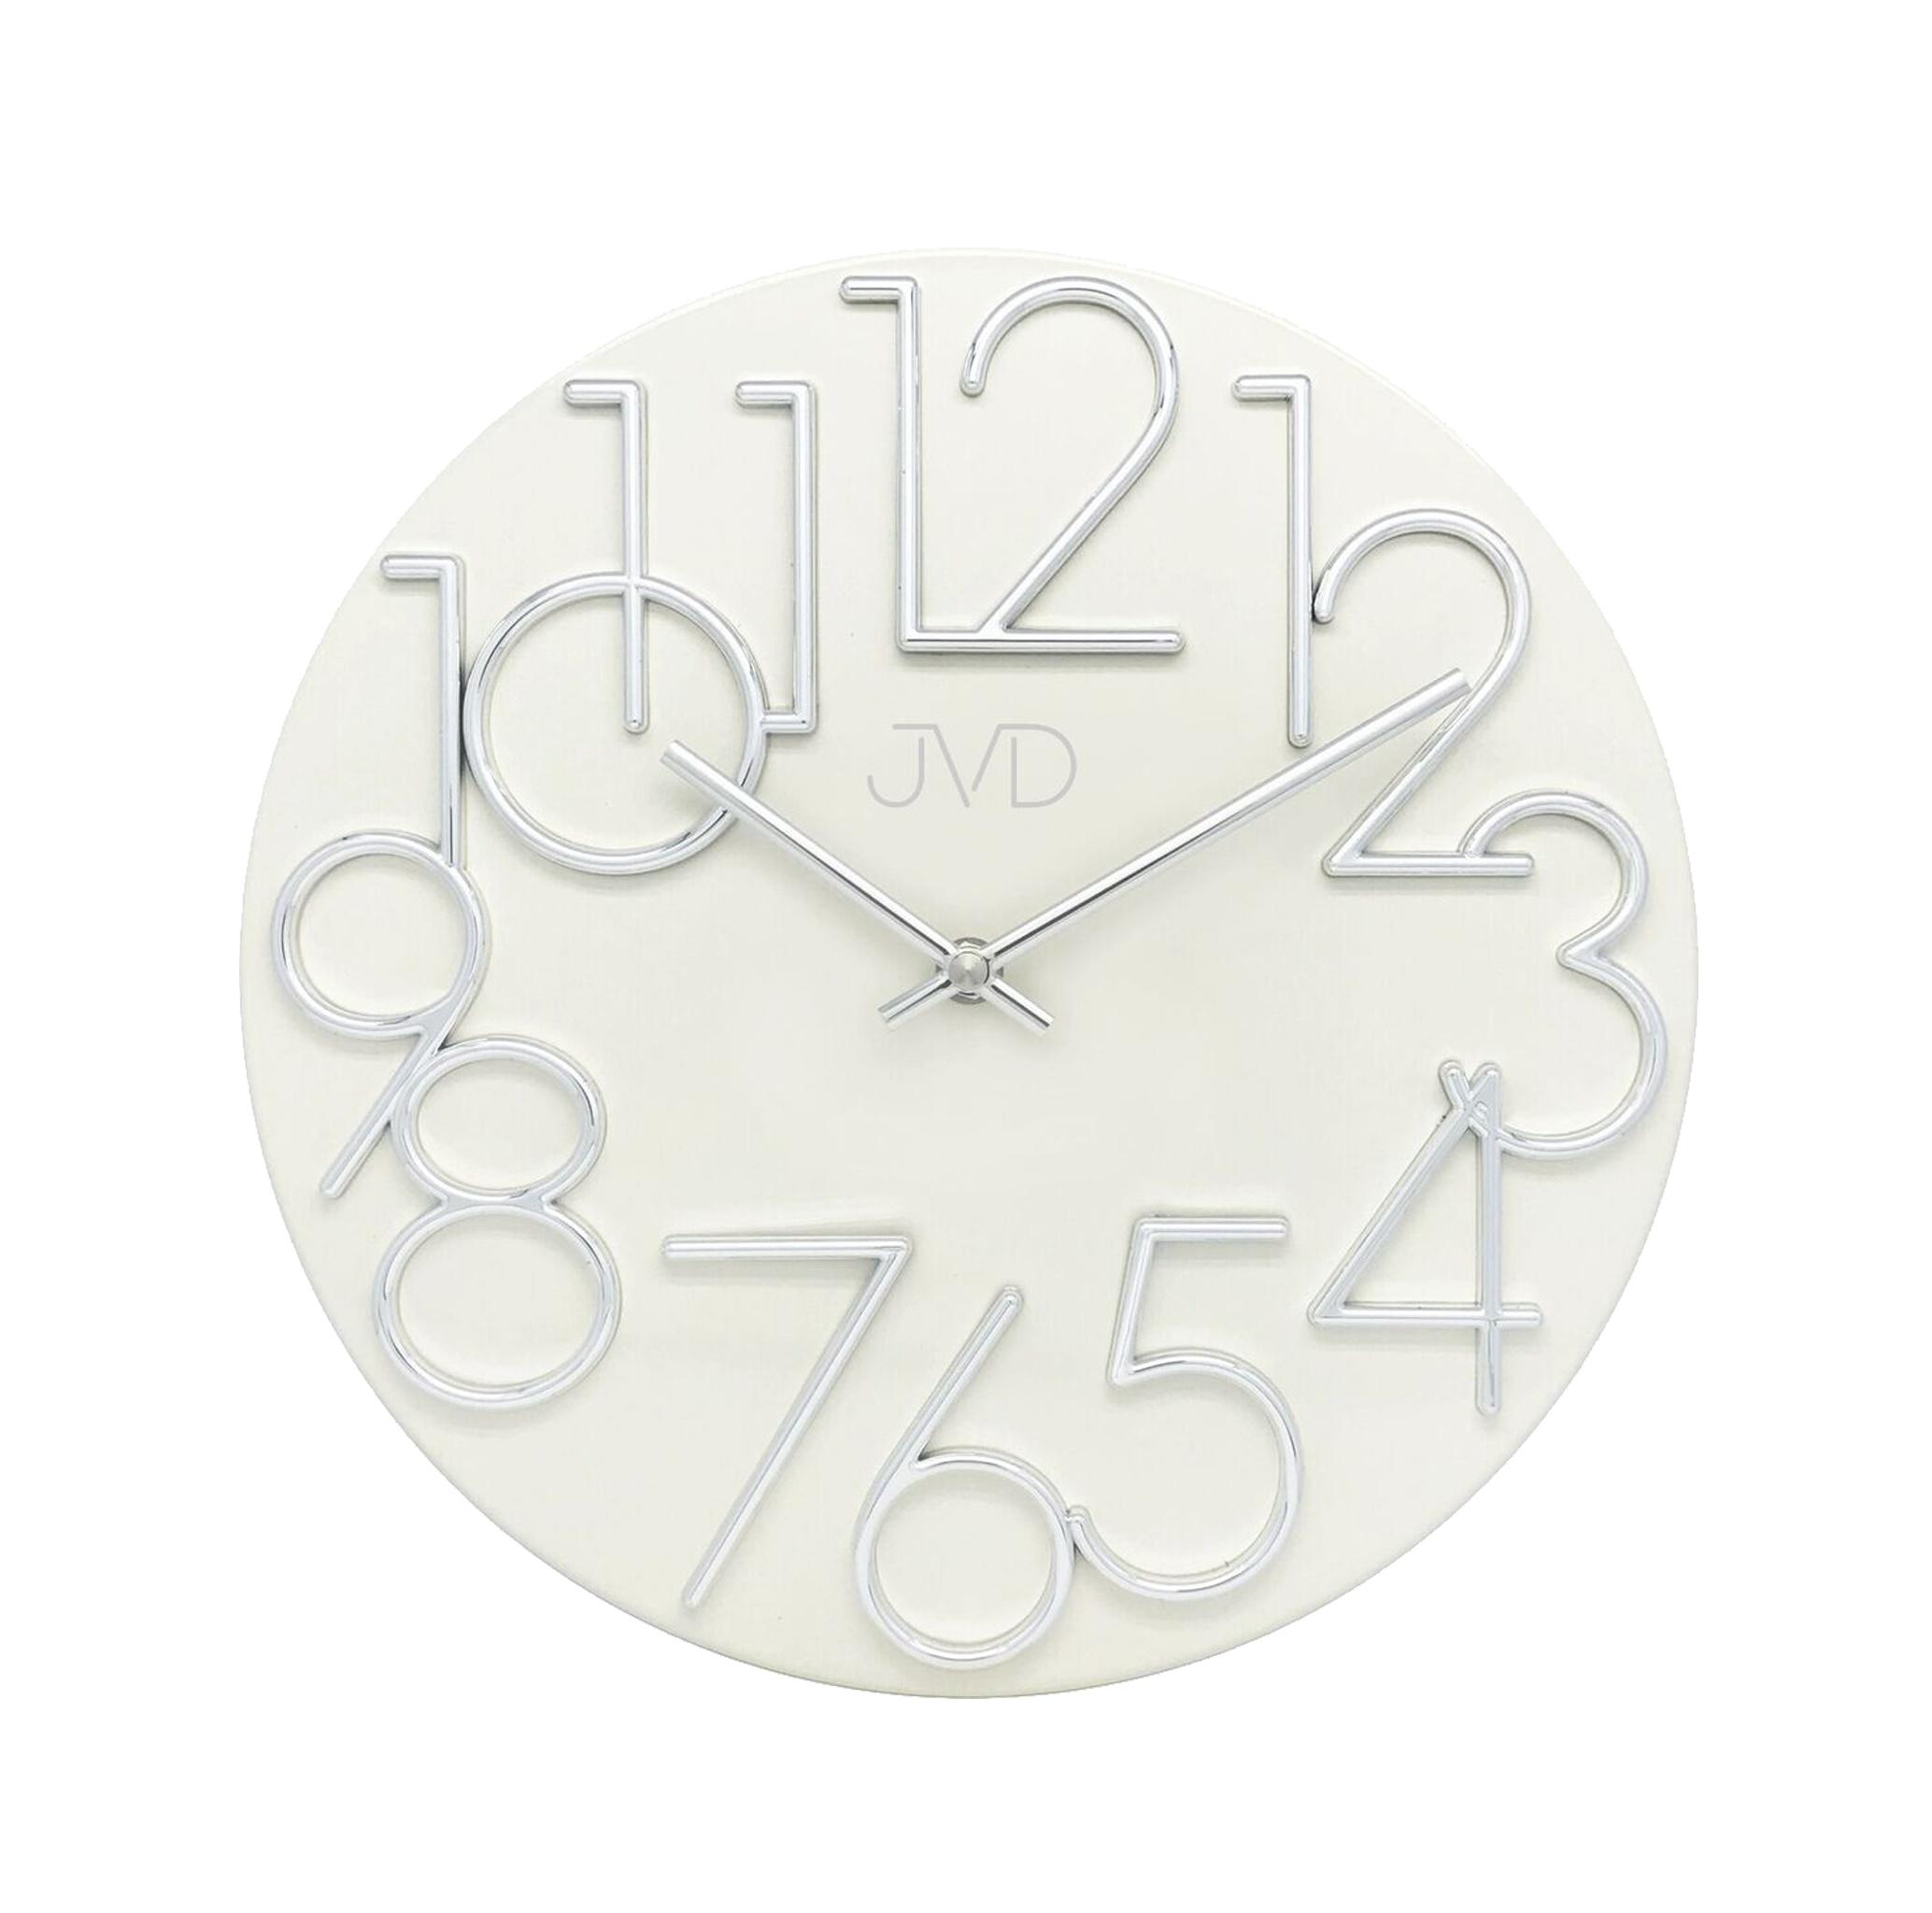 Kovové designové nástěnné bílé hodiny JVD HT23.4 (POŠTOVNÉ ZDARMA!!)